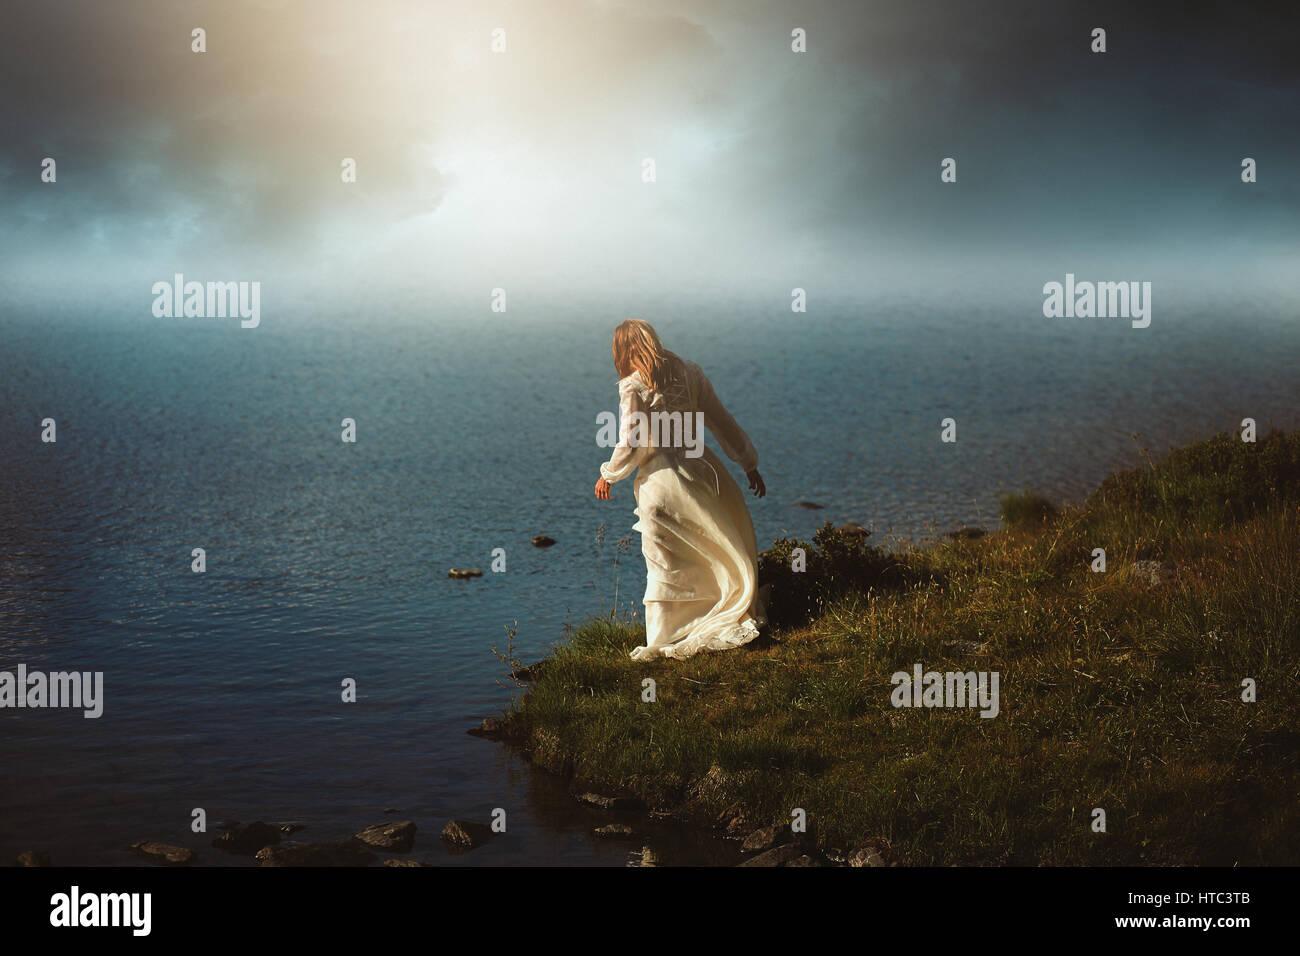 Donna che guarda le acque surreale. Photomanipulation con colori da sogno Immagini Stock